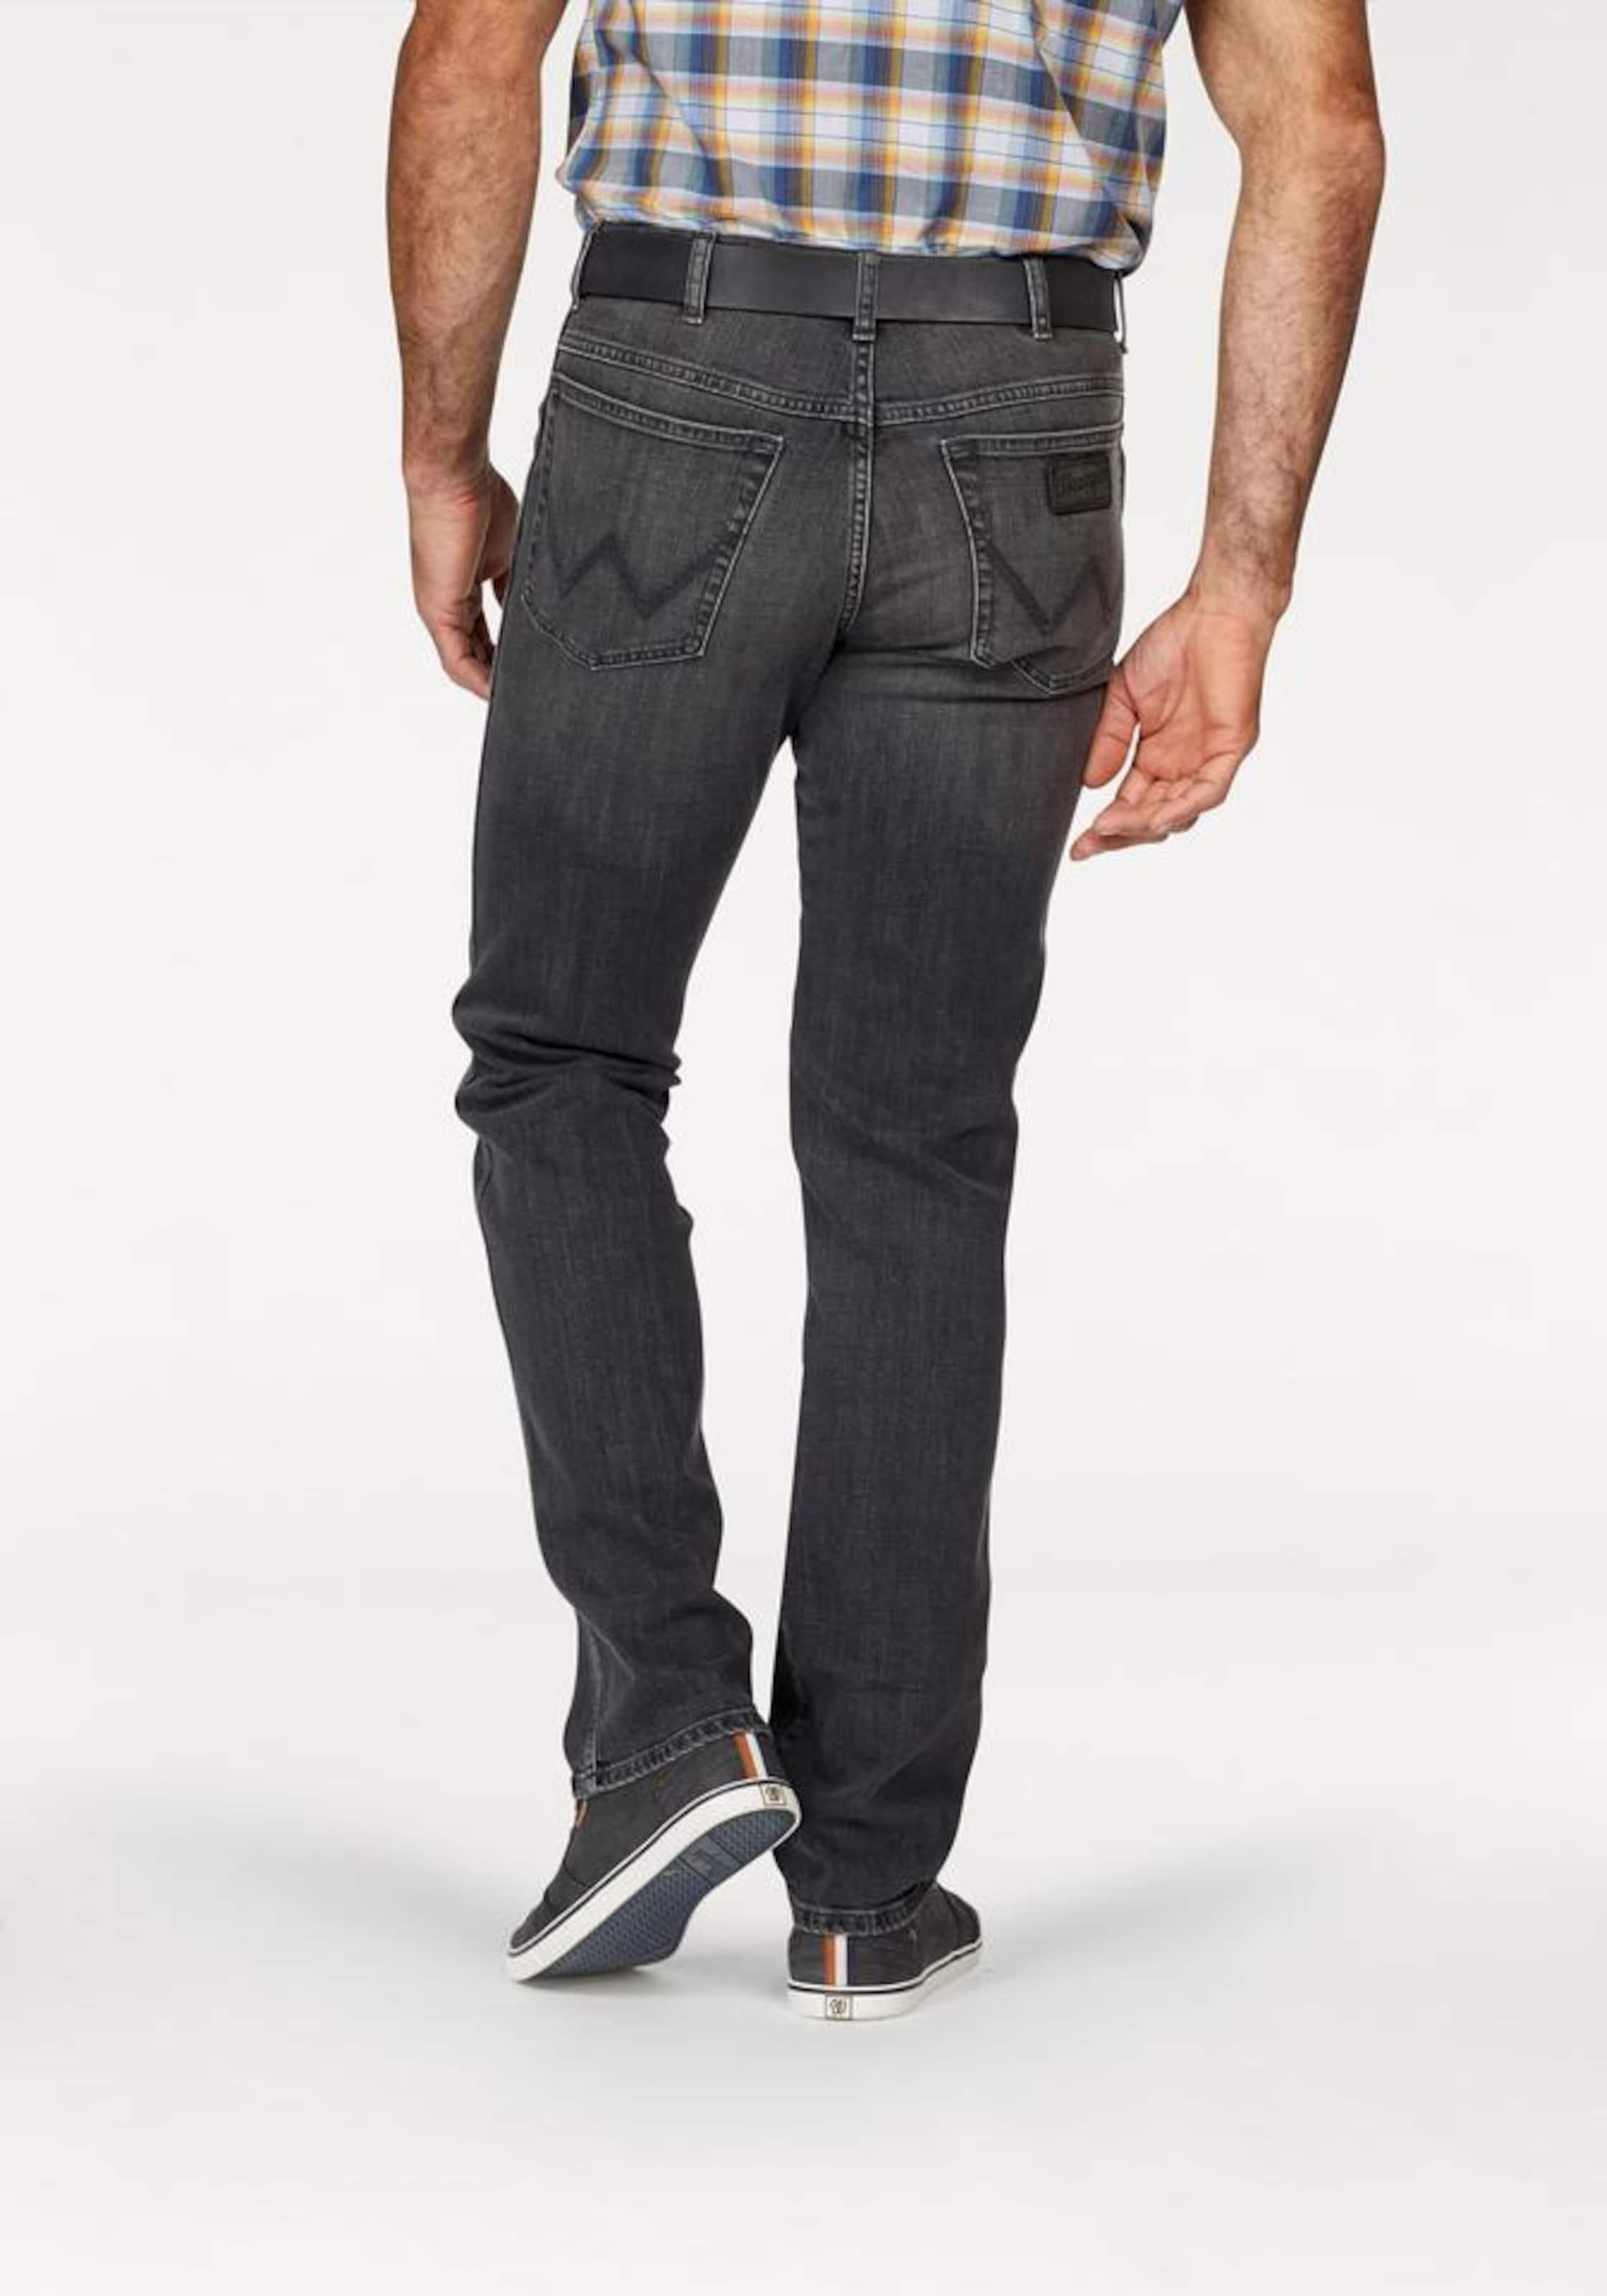 WRANGLER 5-Pocket-Jeans 'Texas Stretch' Die Günstigste Zum Verkauf SG55e